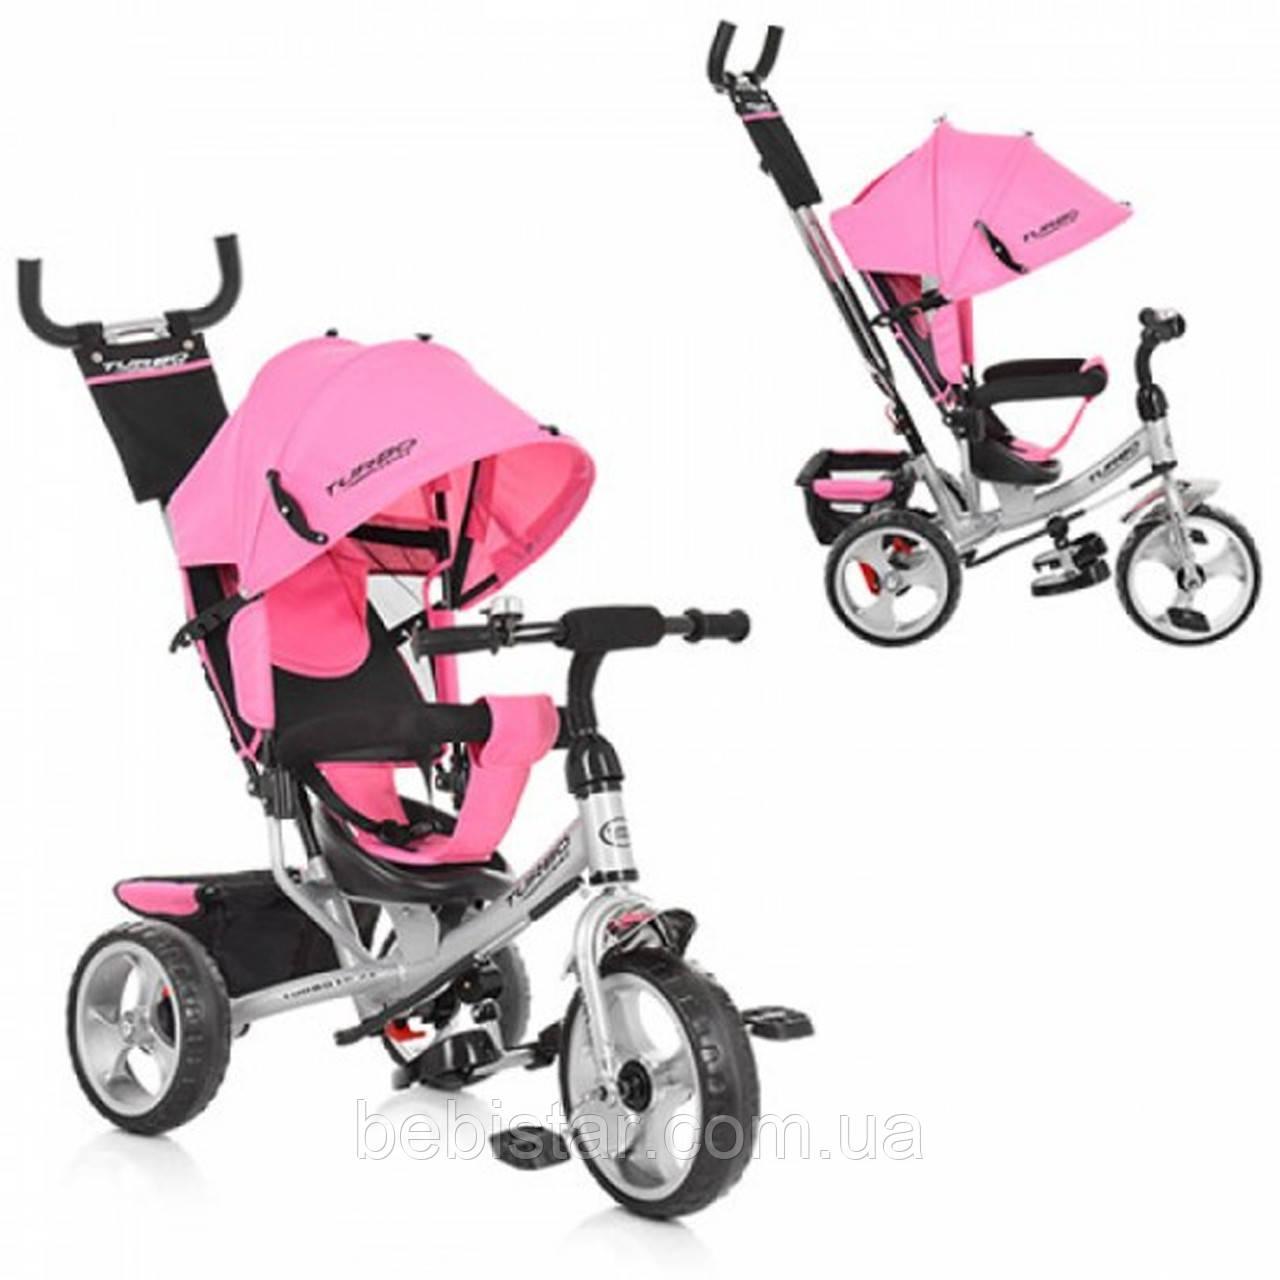 """Детский трехколесный велосипед """"Turbo Trike цвет: розовый"""